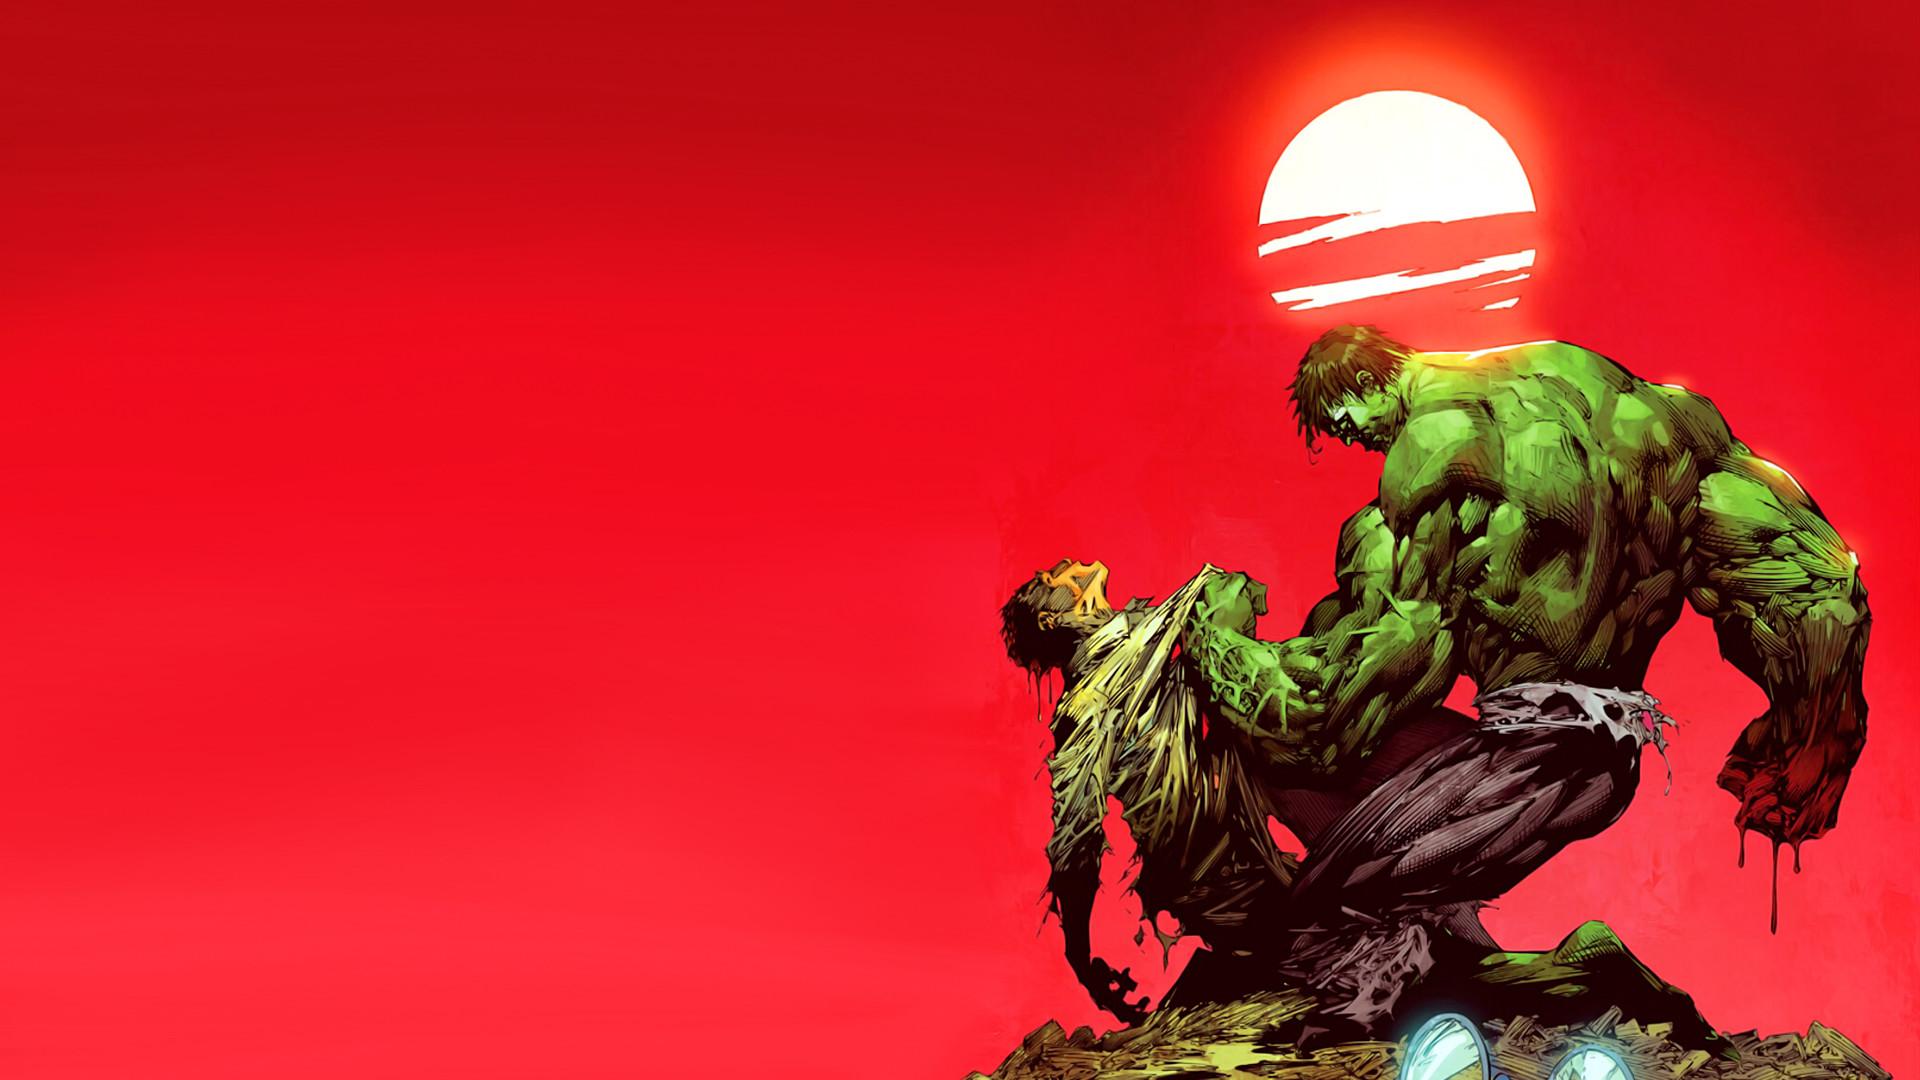 Res: 1920x1080, Red Hulk Wallpaper HD 13 - 1920 X 1080